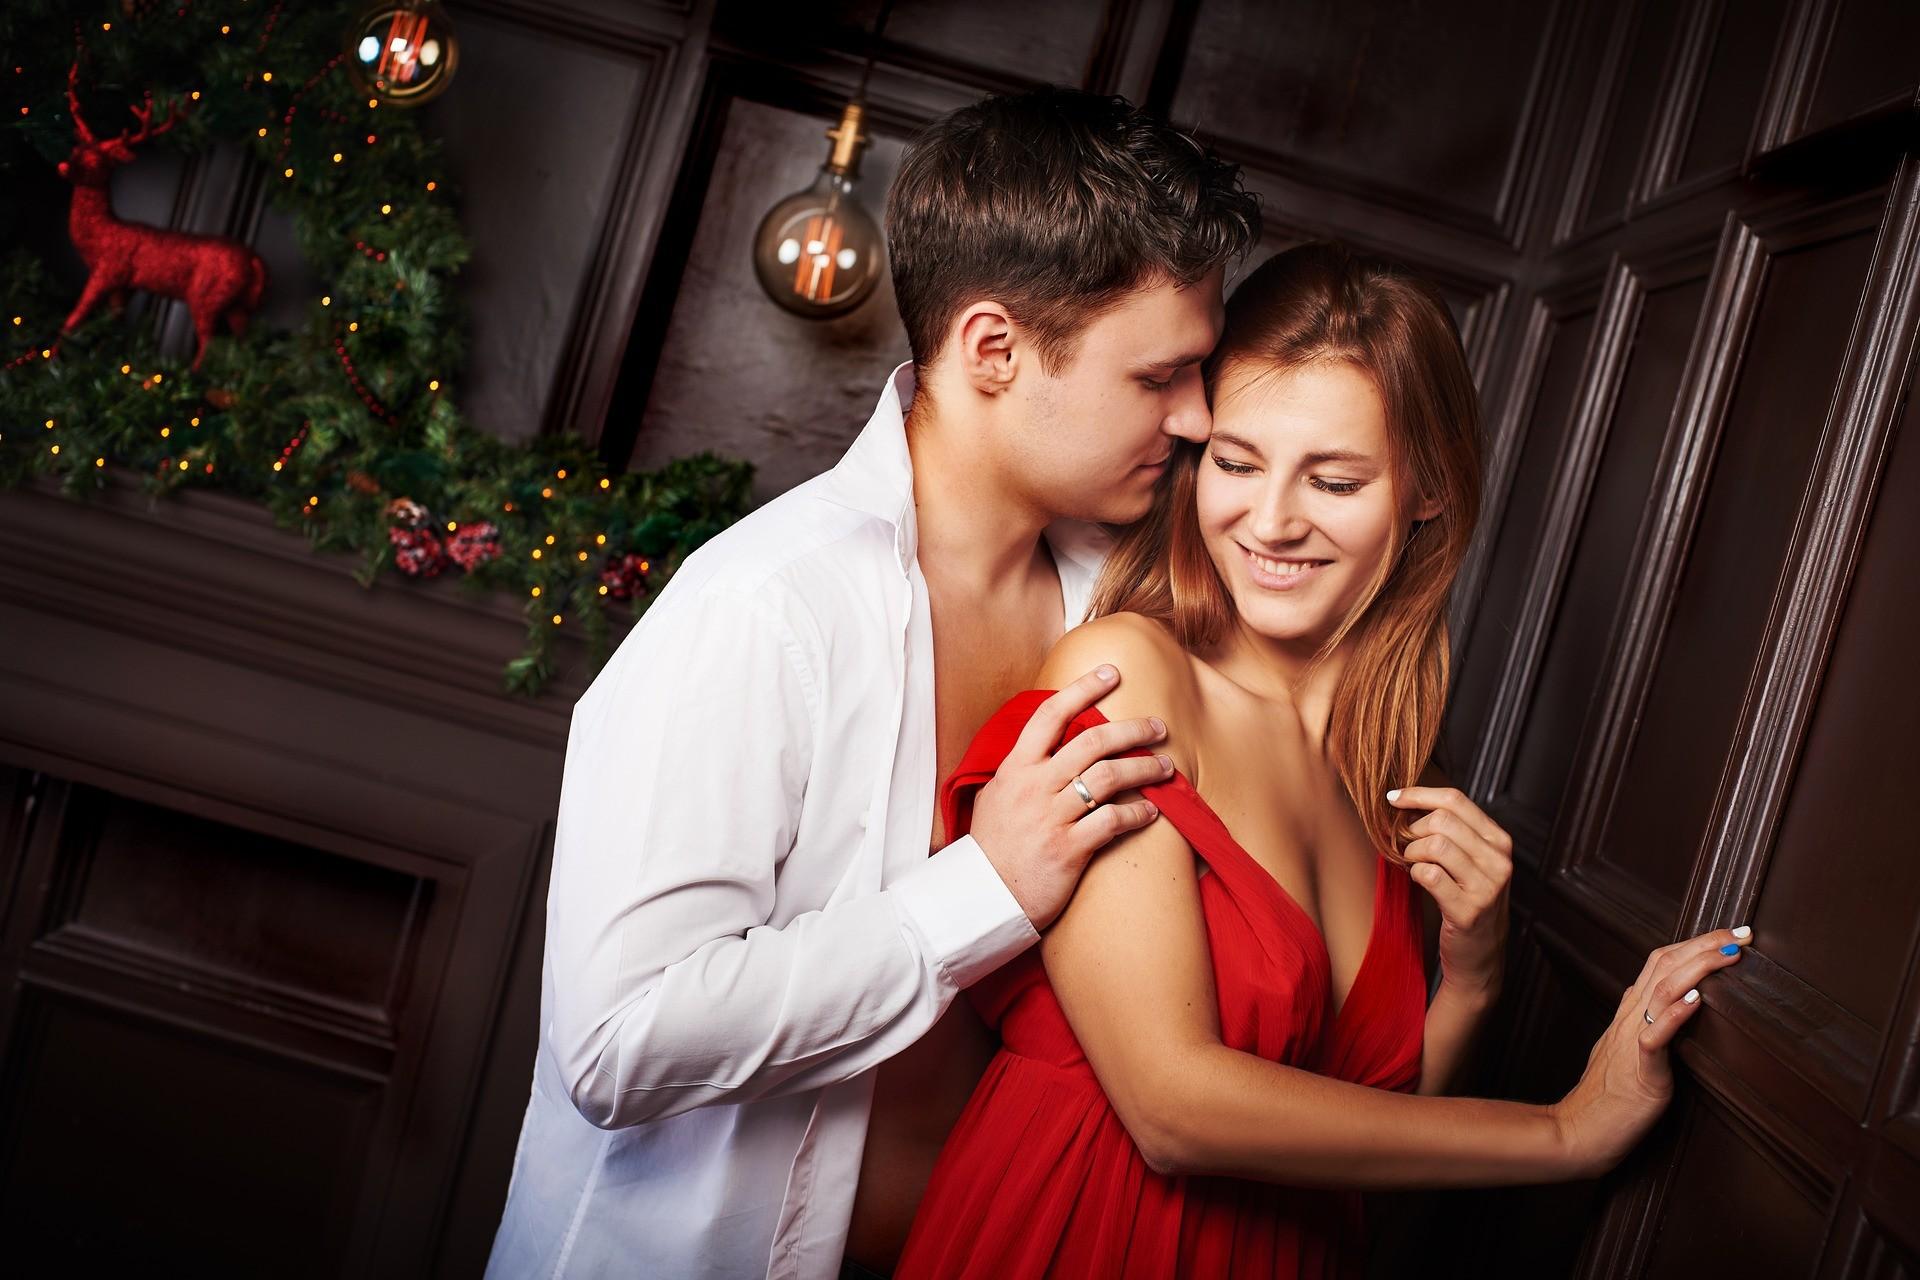 女性性愛迷思(圖/取自免費圖庫Pixabay)